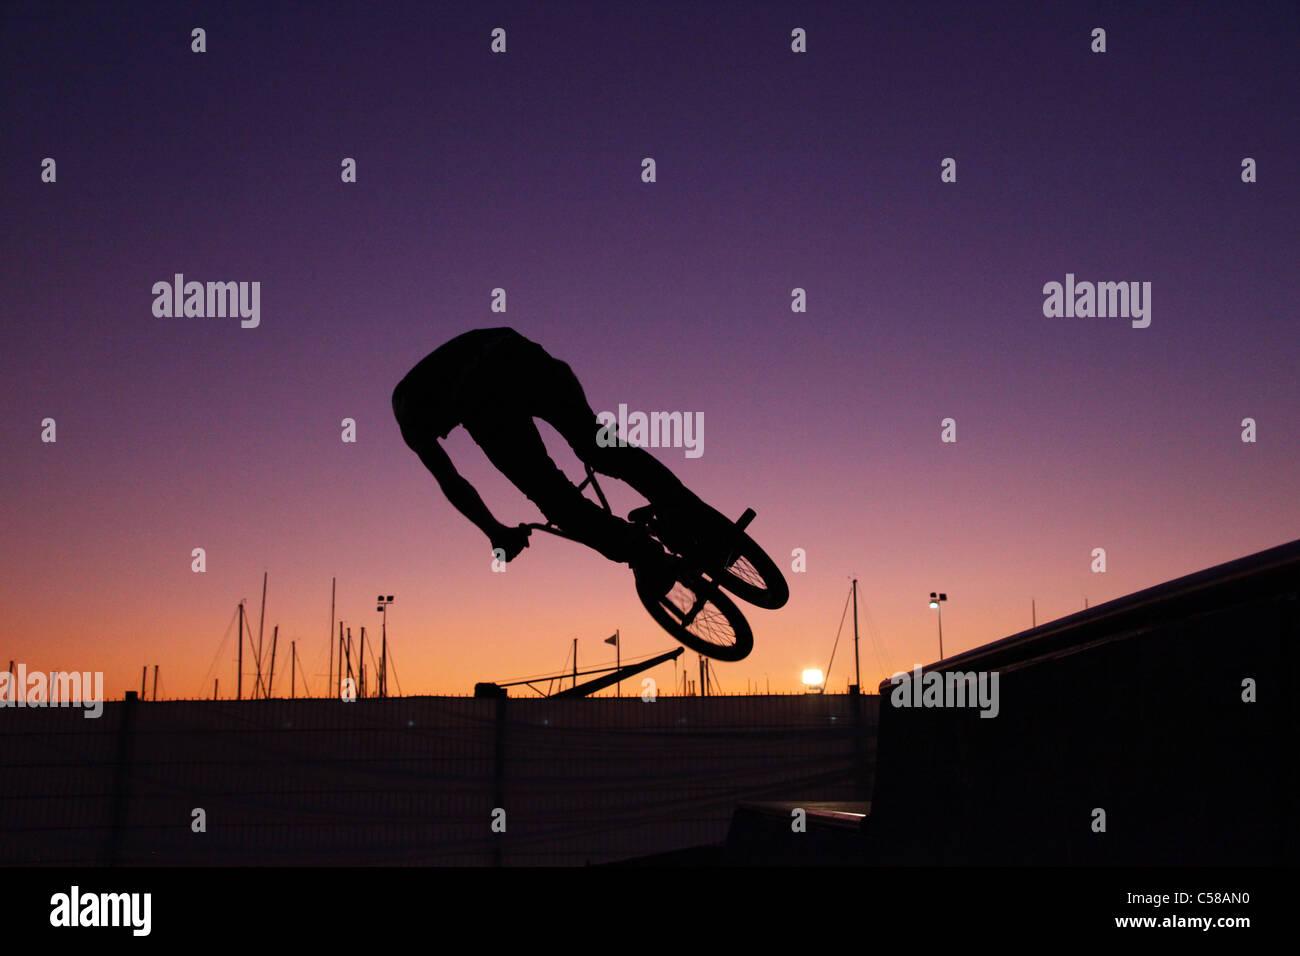 BMX jump, sunset, bicycle - Stock Image